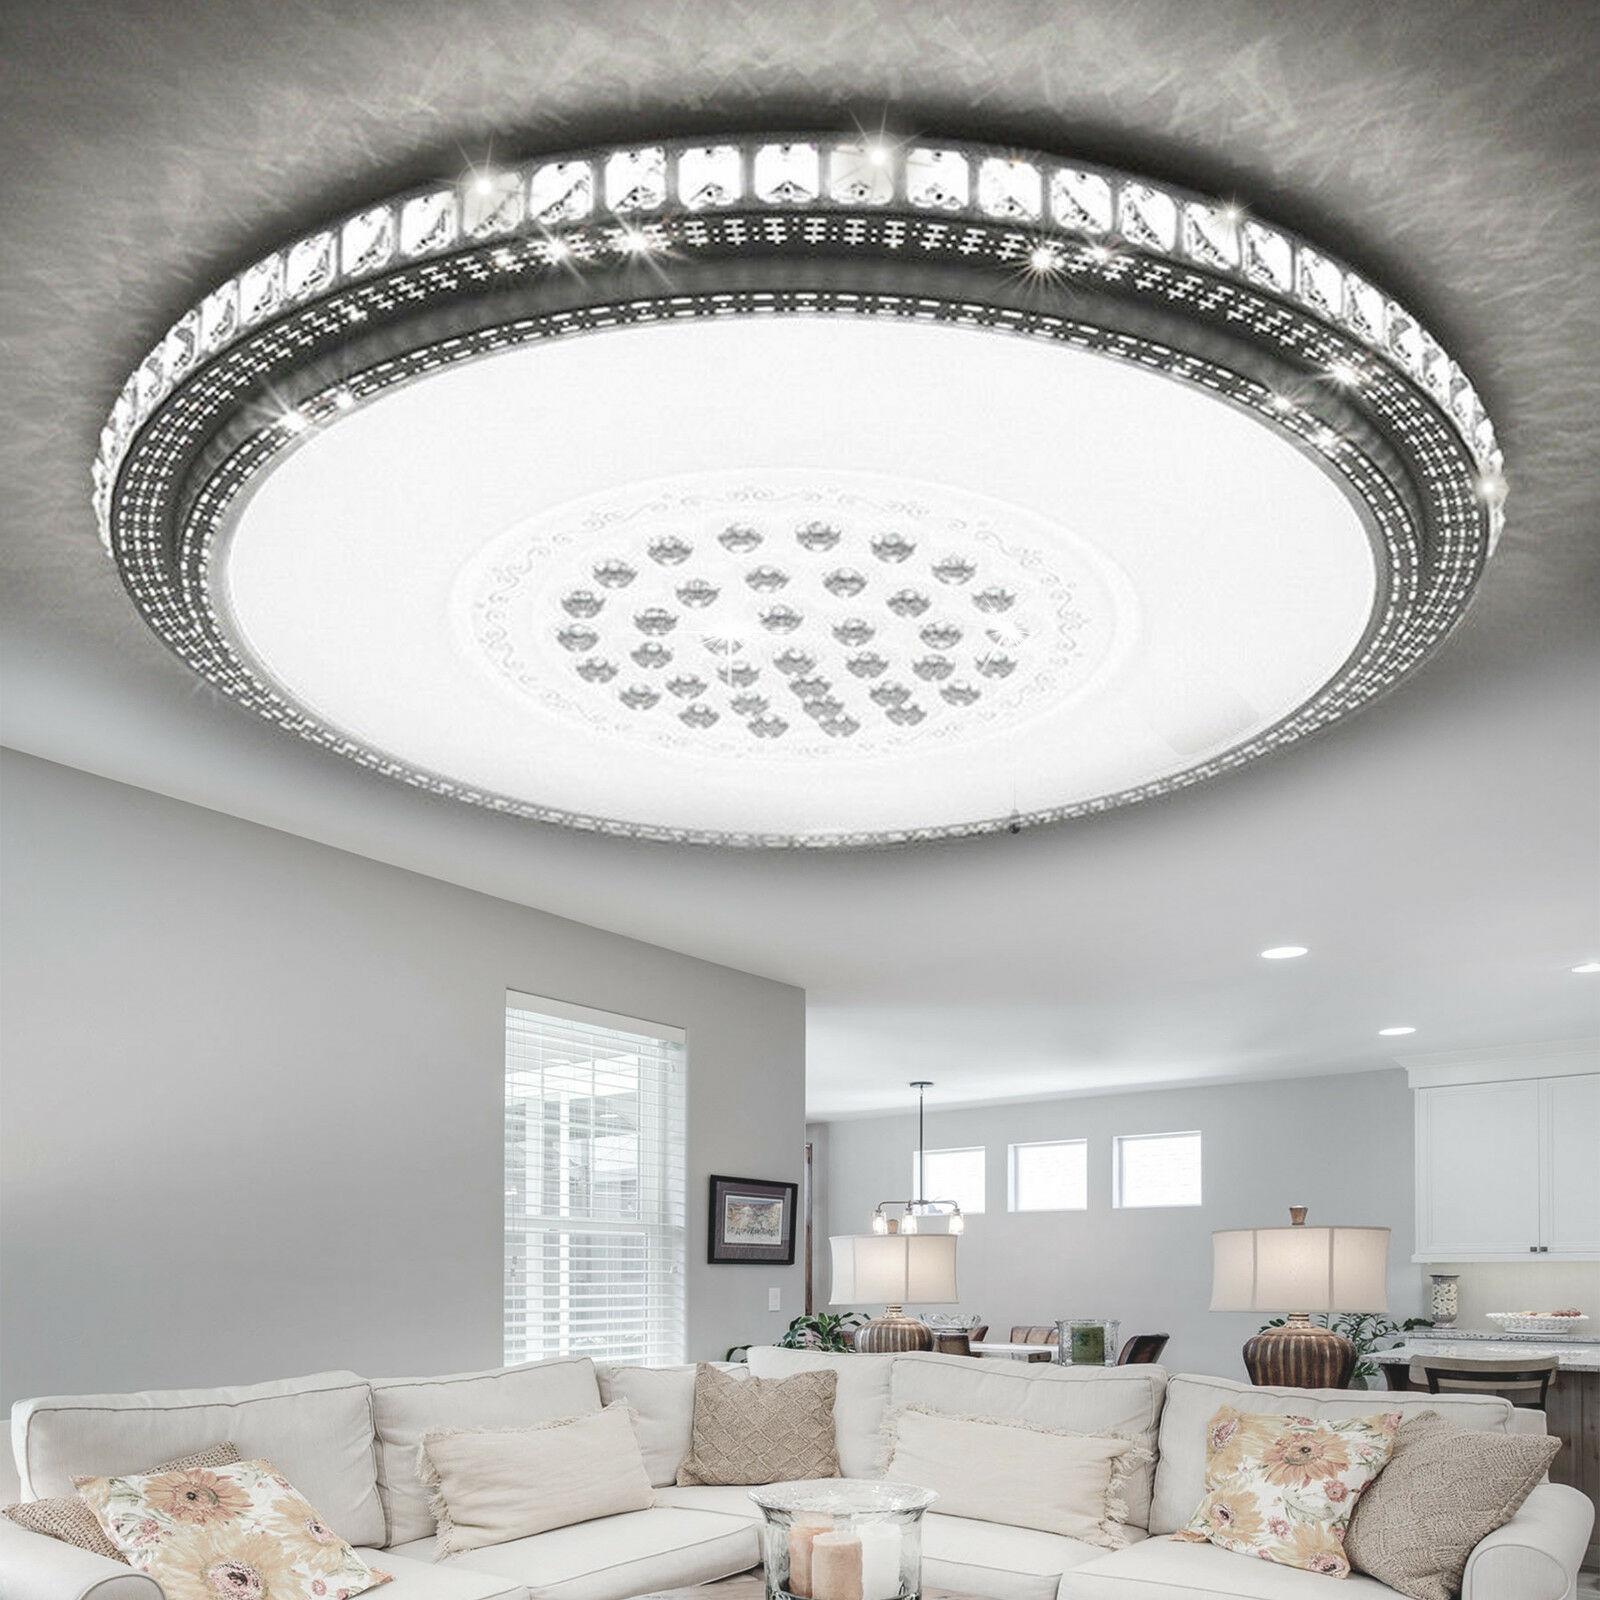 Full Size of Wohnzimmer Deckenleuchten Ikea Deckenleuchte Modern Led Dimmbar Messing Amazon Elegant 36w 96w Kristall Deckenlampe Relaxliege Hängeschrank Anbauwand Wohnzimmer Wohnzimmer Deckenleuchte